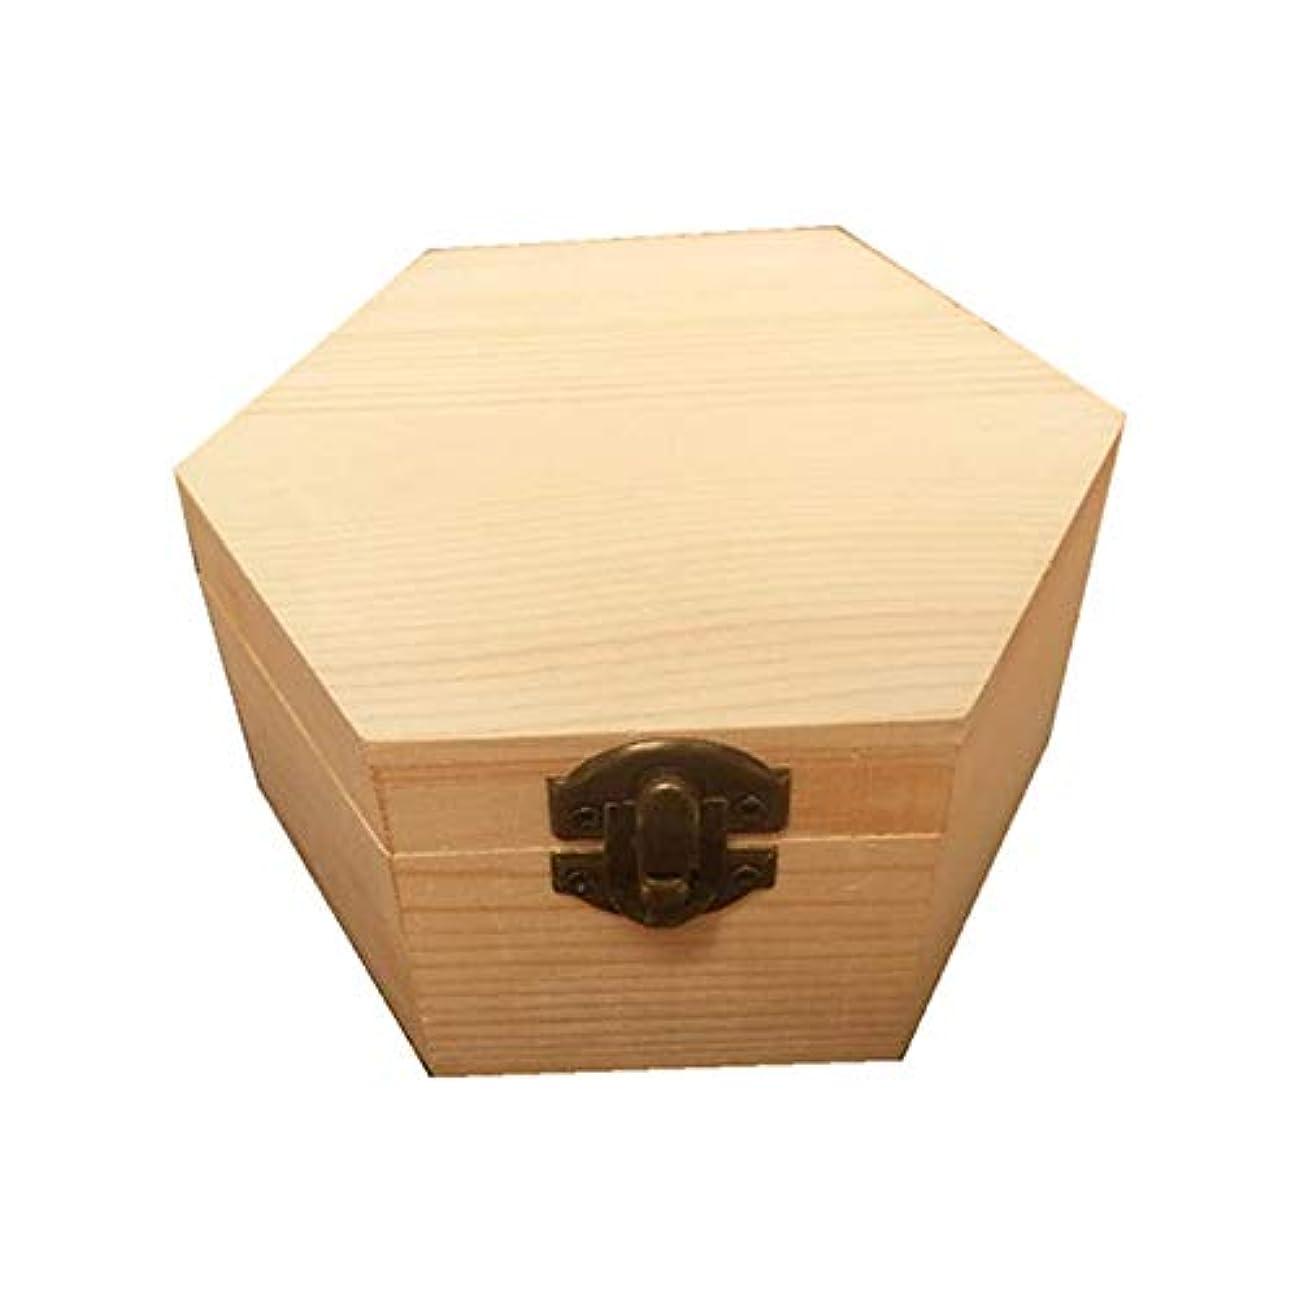 窒息させる細心の独裁手作りの木製ギフトボックスパーフェクトエッセンシャルオイルケースにエッセンシャルオイル アロマセラピー製品 (色 : Natural, サイズ : 13X11.3X6.8CM)